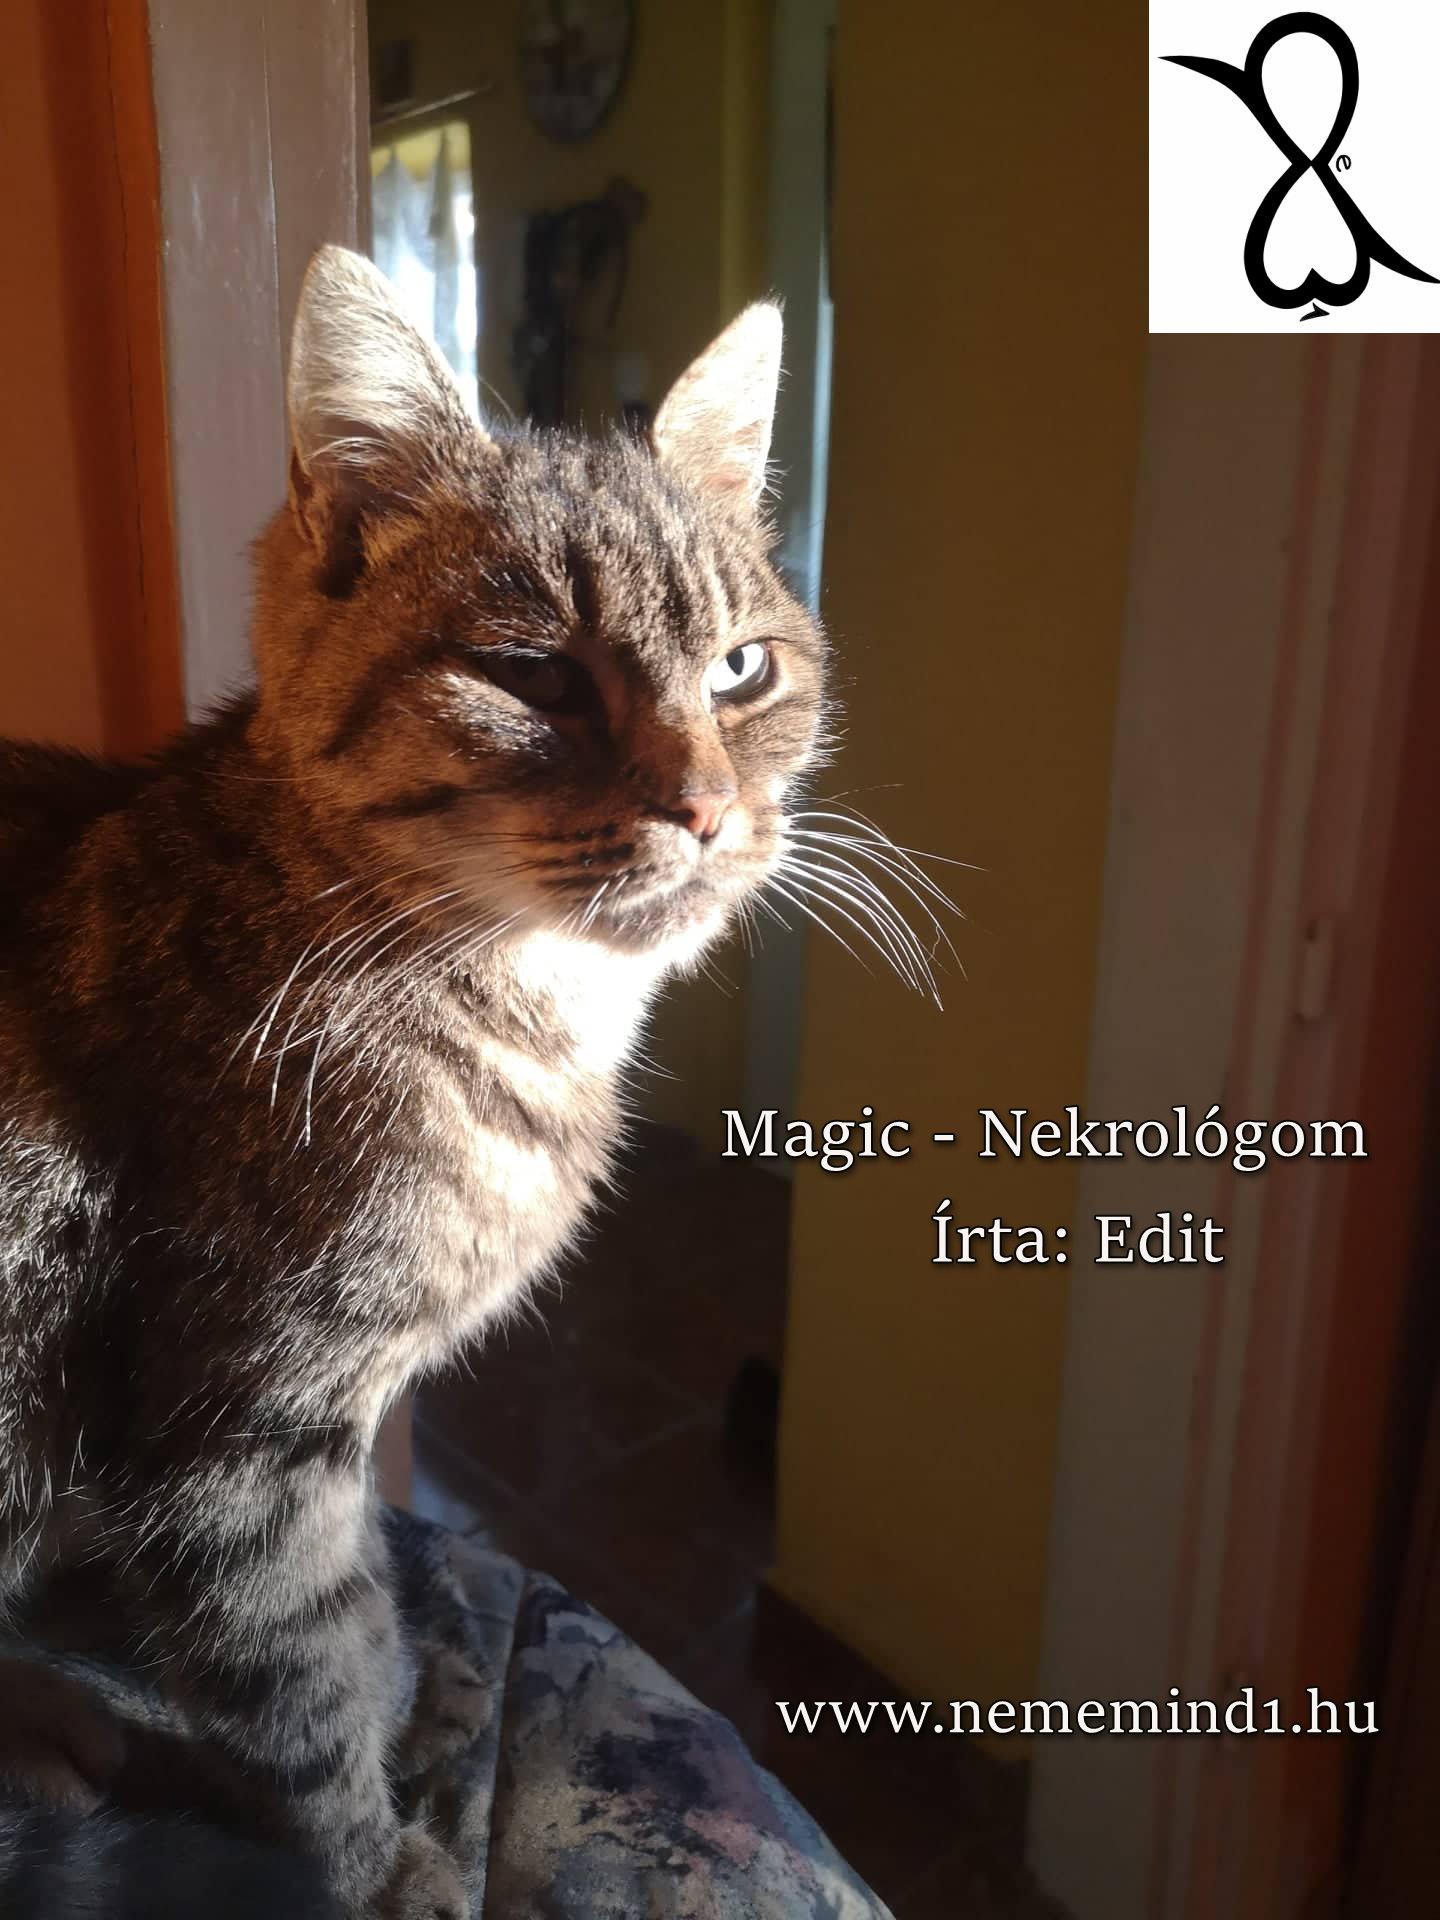 Magic-Nekrológom (Írta: Edit)